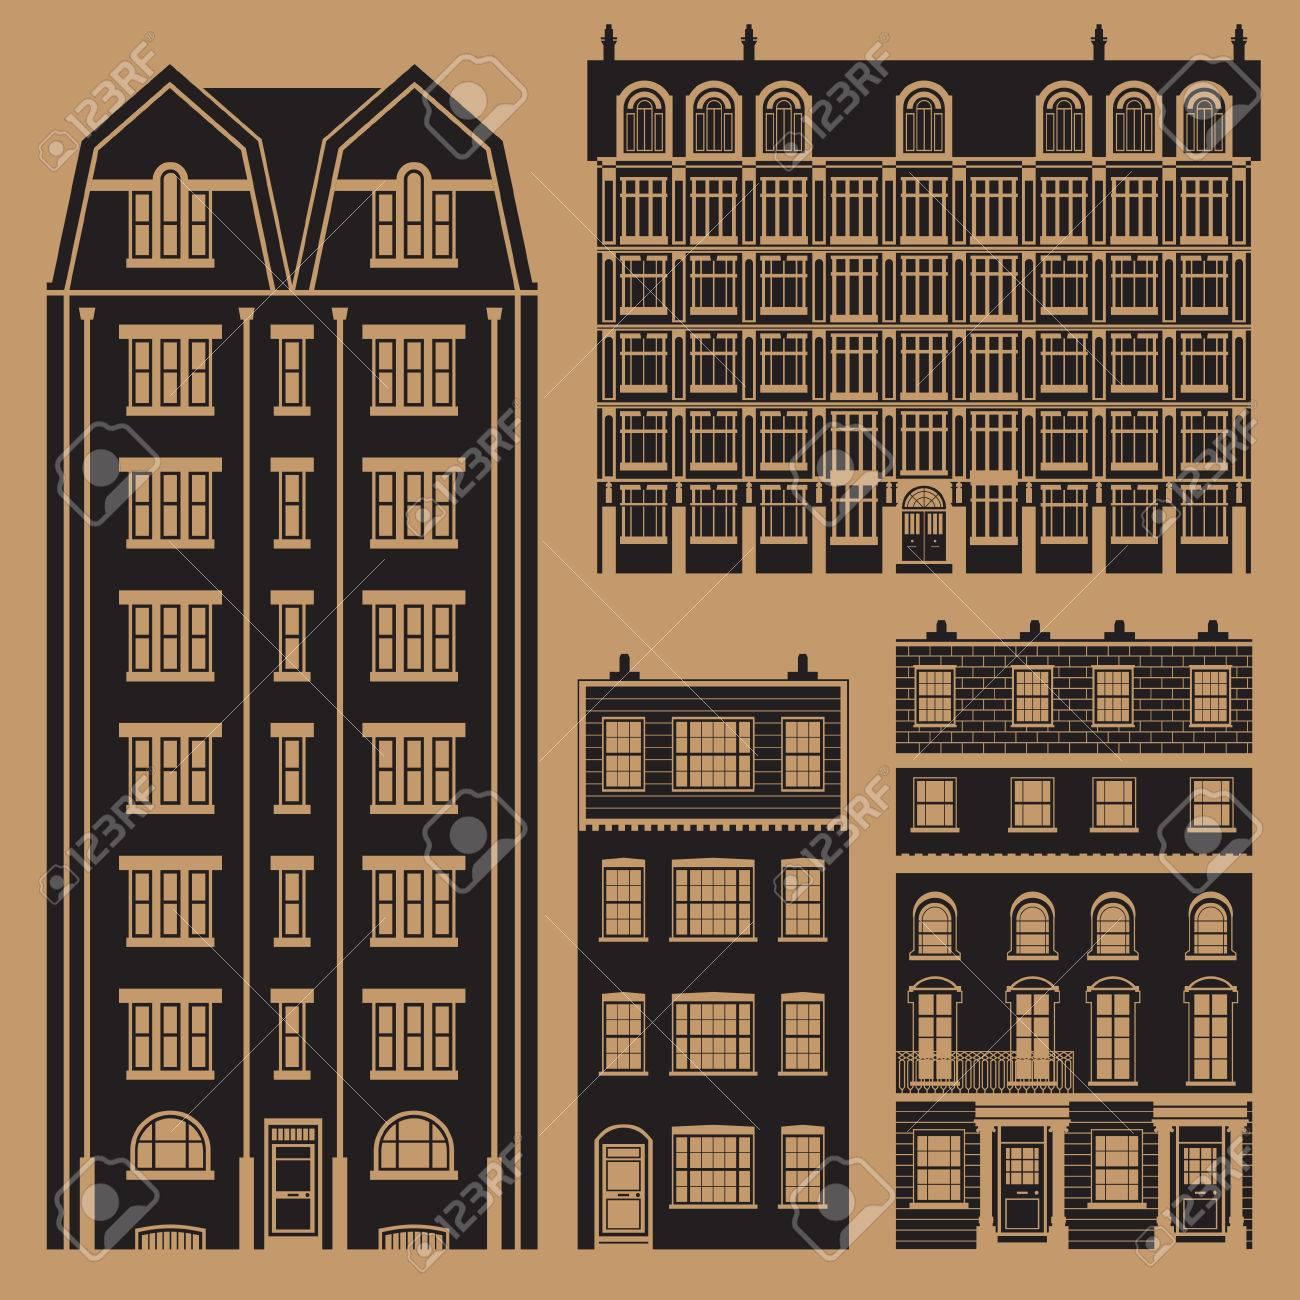 Edificios Establecidos Con Inglés Clásicas Casas De La Terraza Monocromo